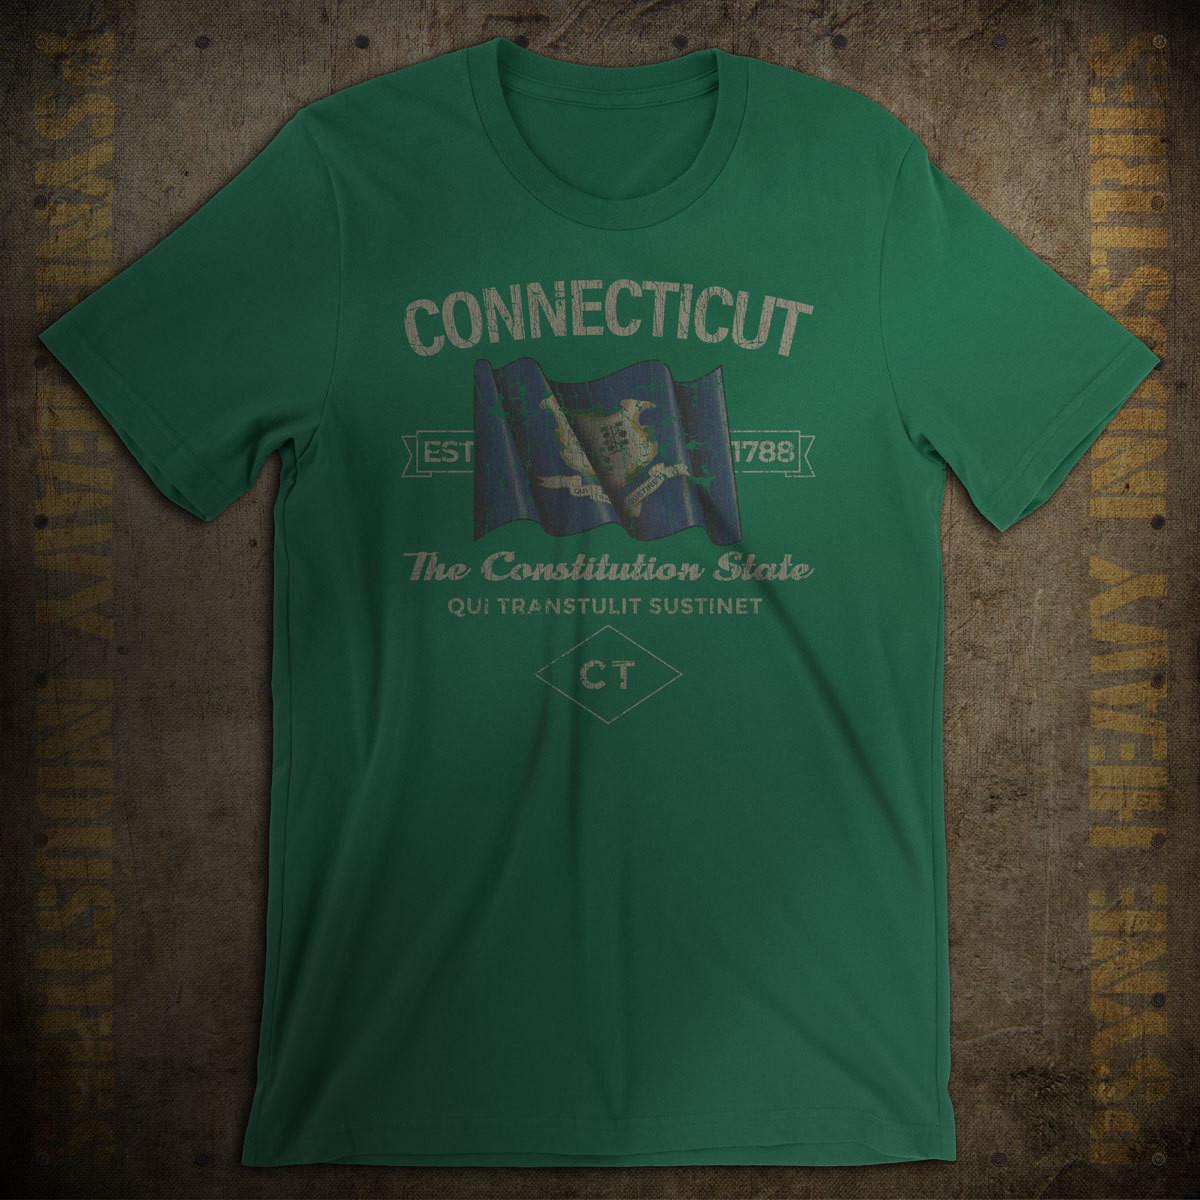 Connecticut 1788 Vintage T-Shirt